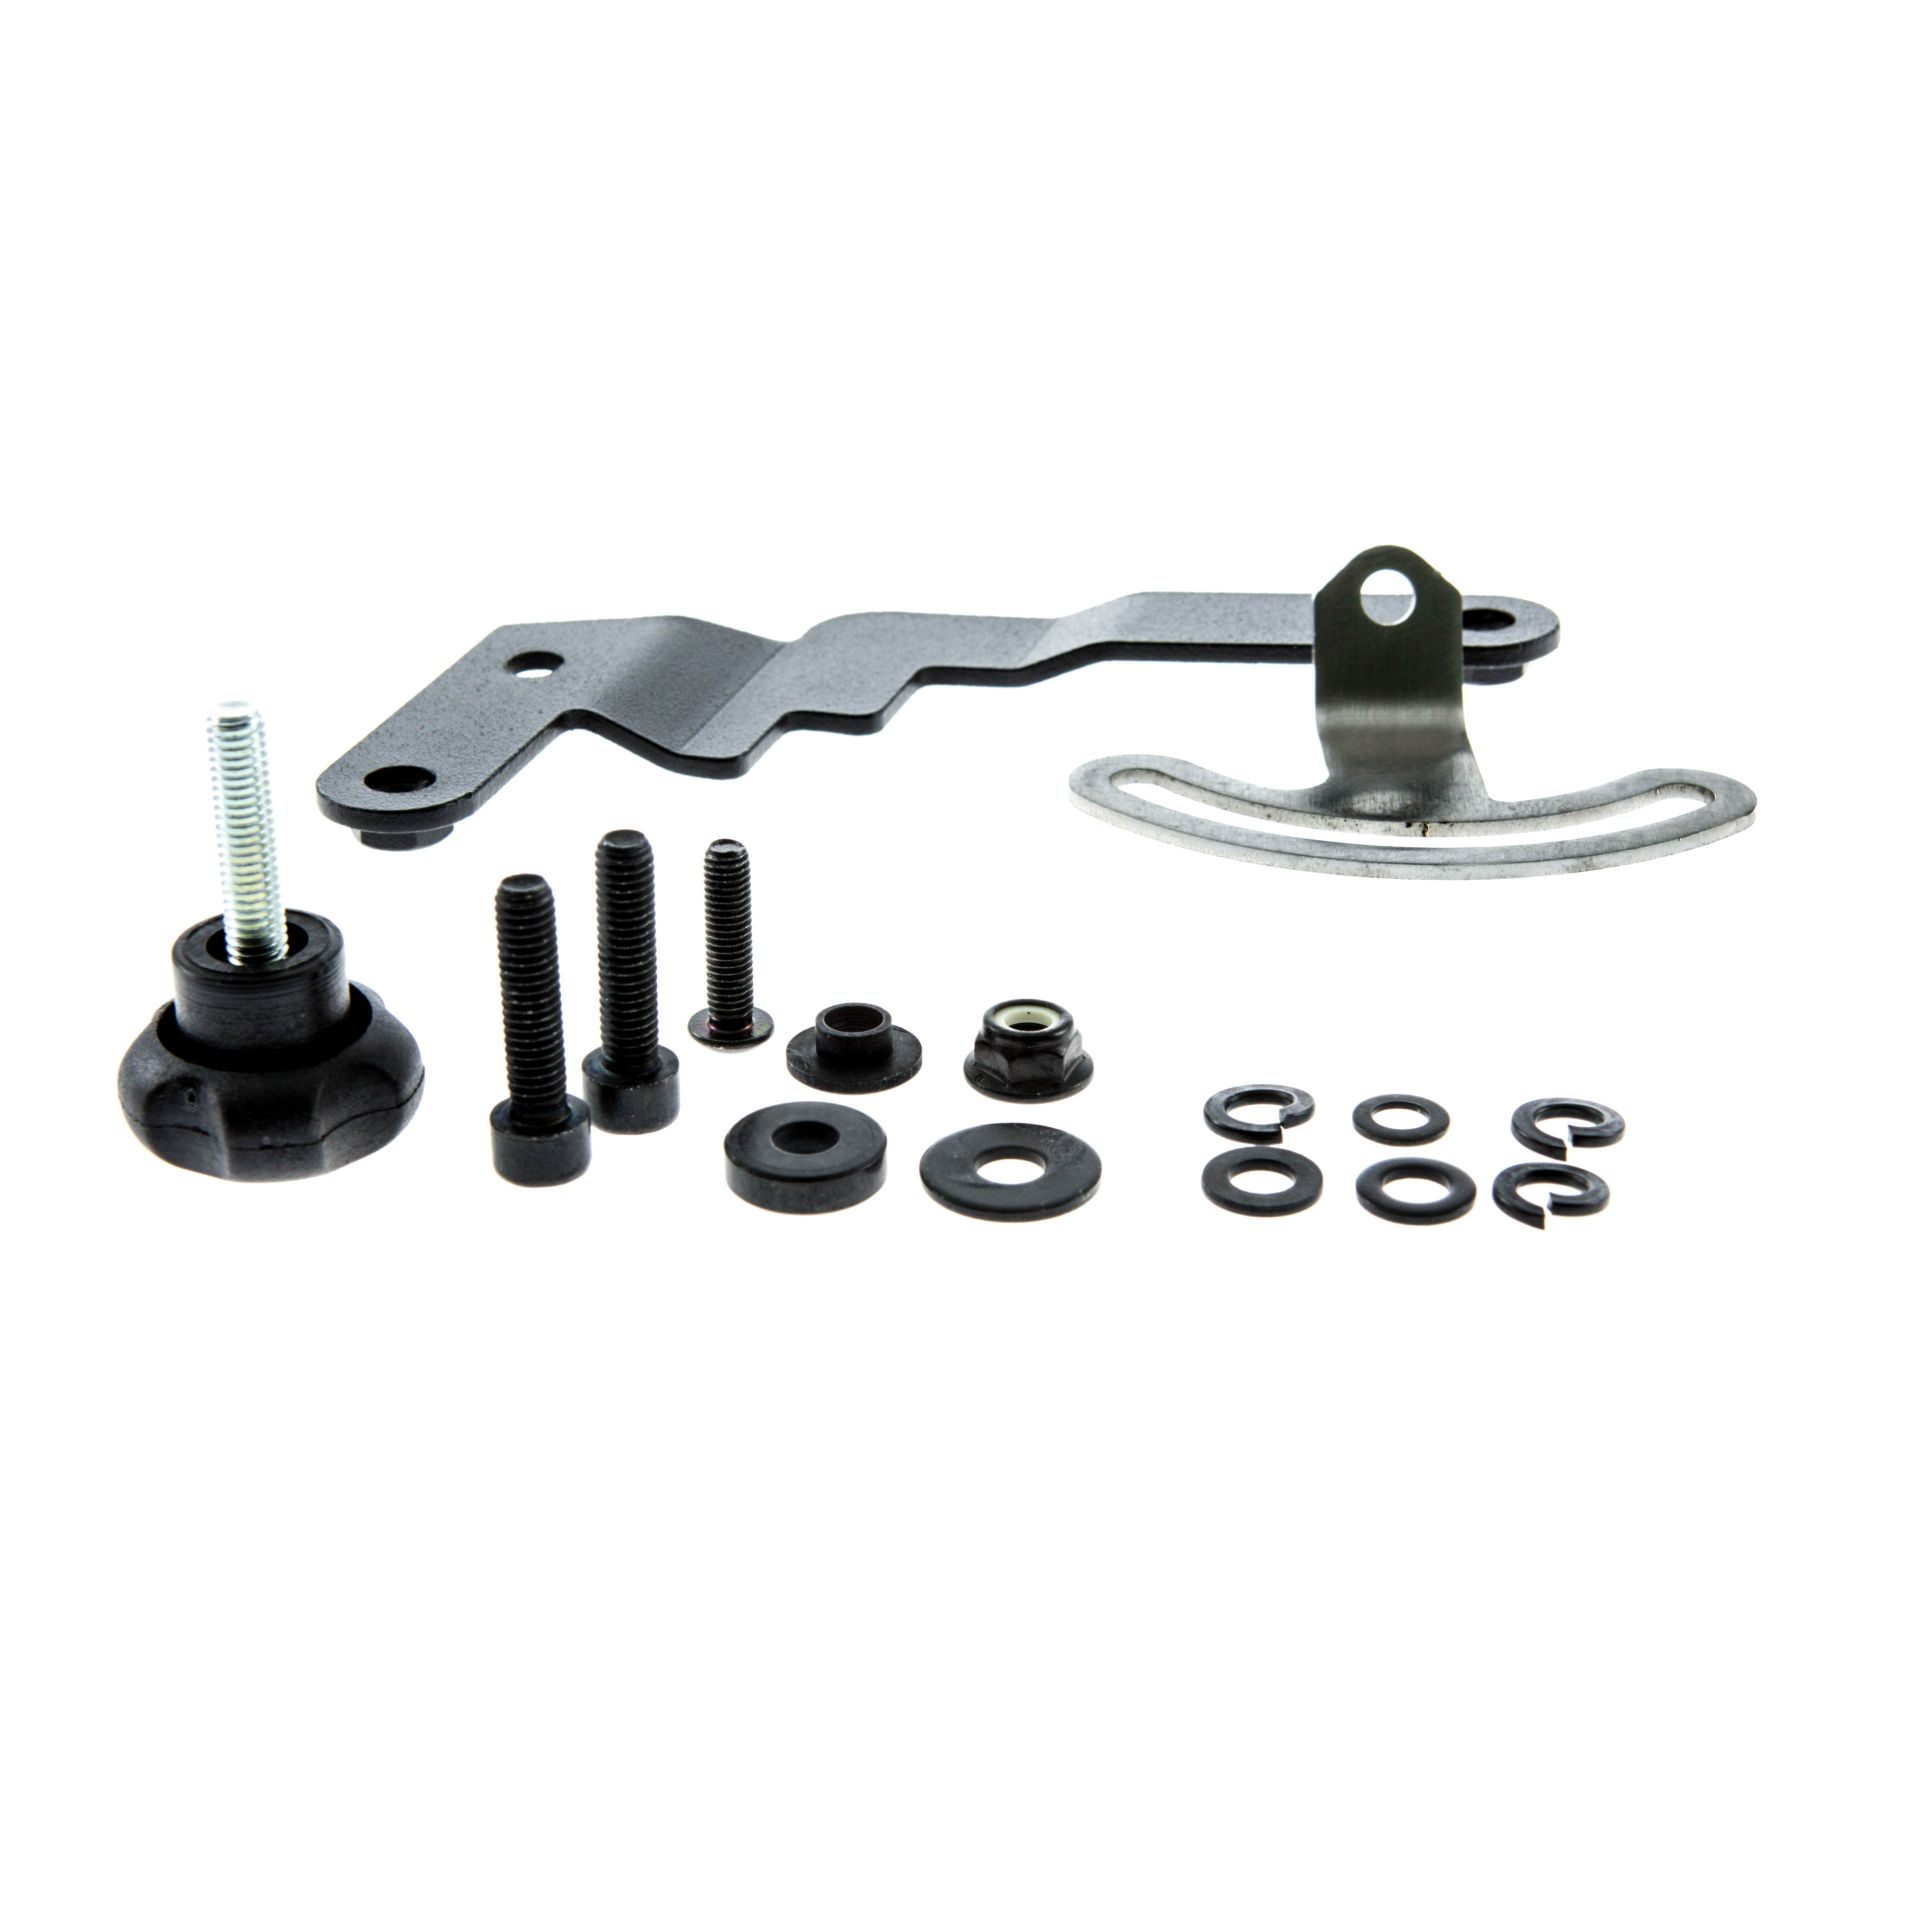 Kit fixation pour Givi 5108DT Bmw R 1200 GS 13-14